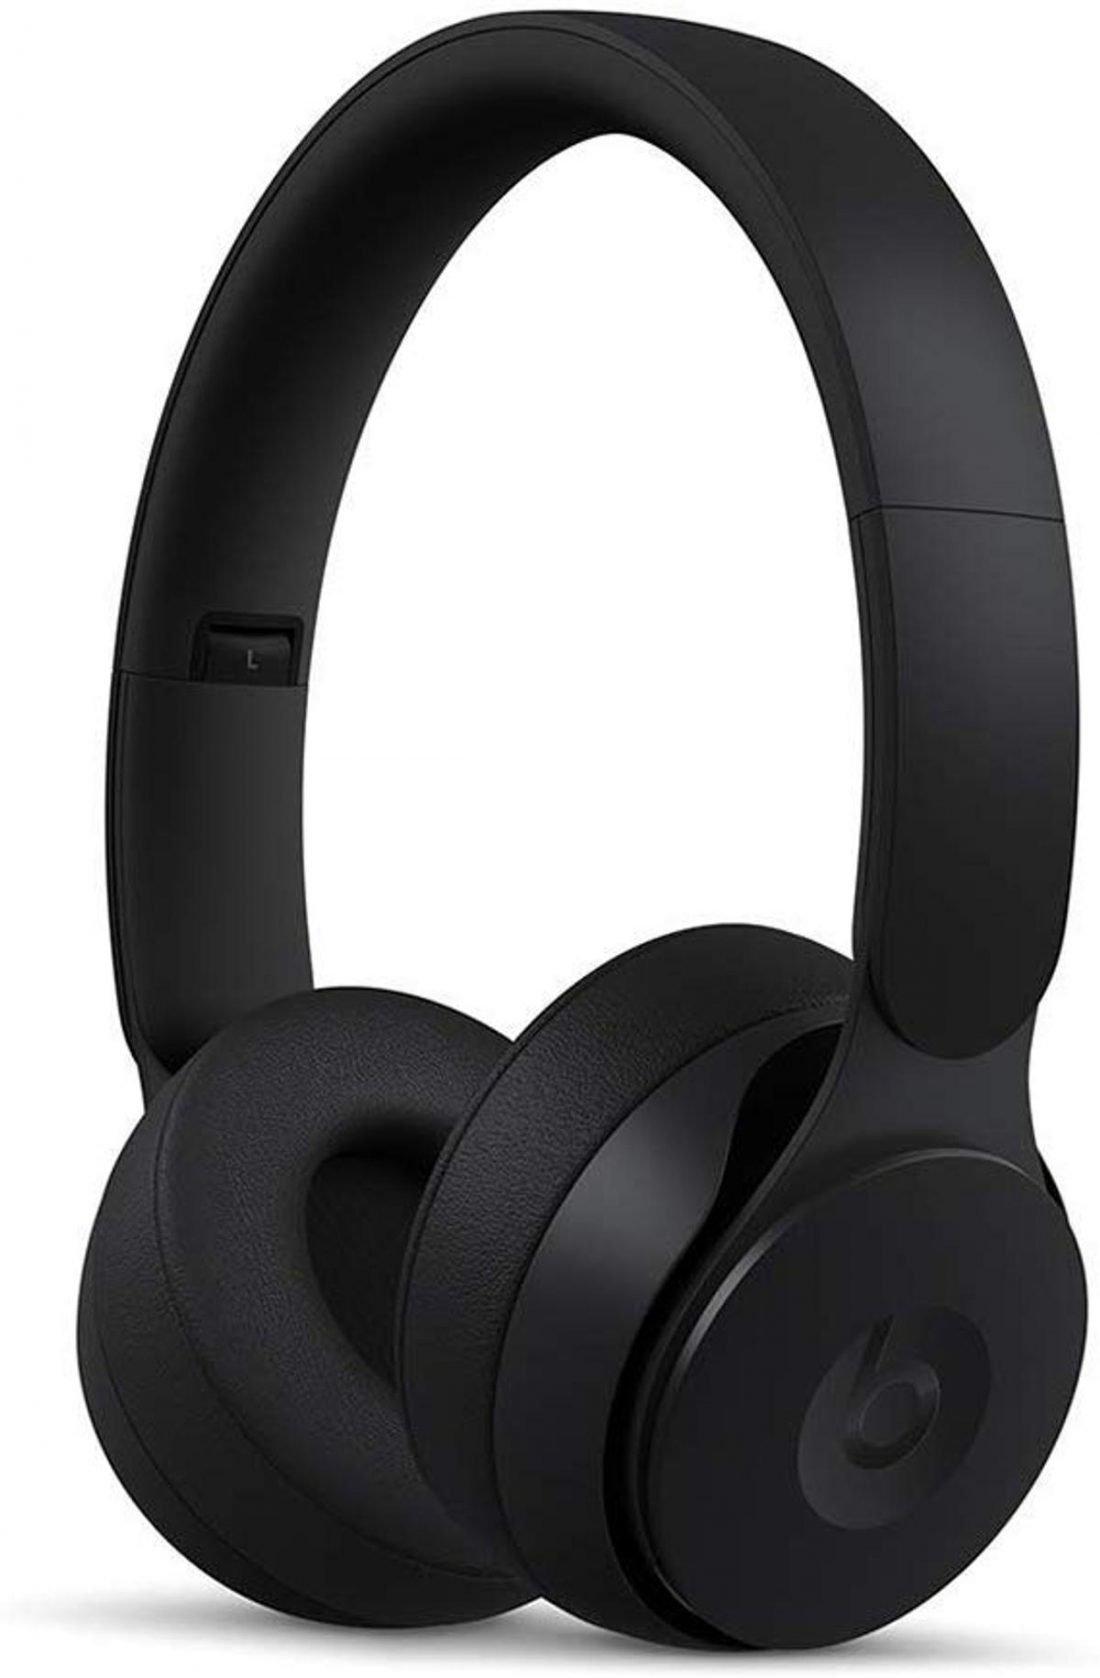 Solo Pro Wireless Headphones (From: Amazon)